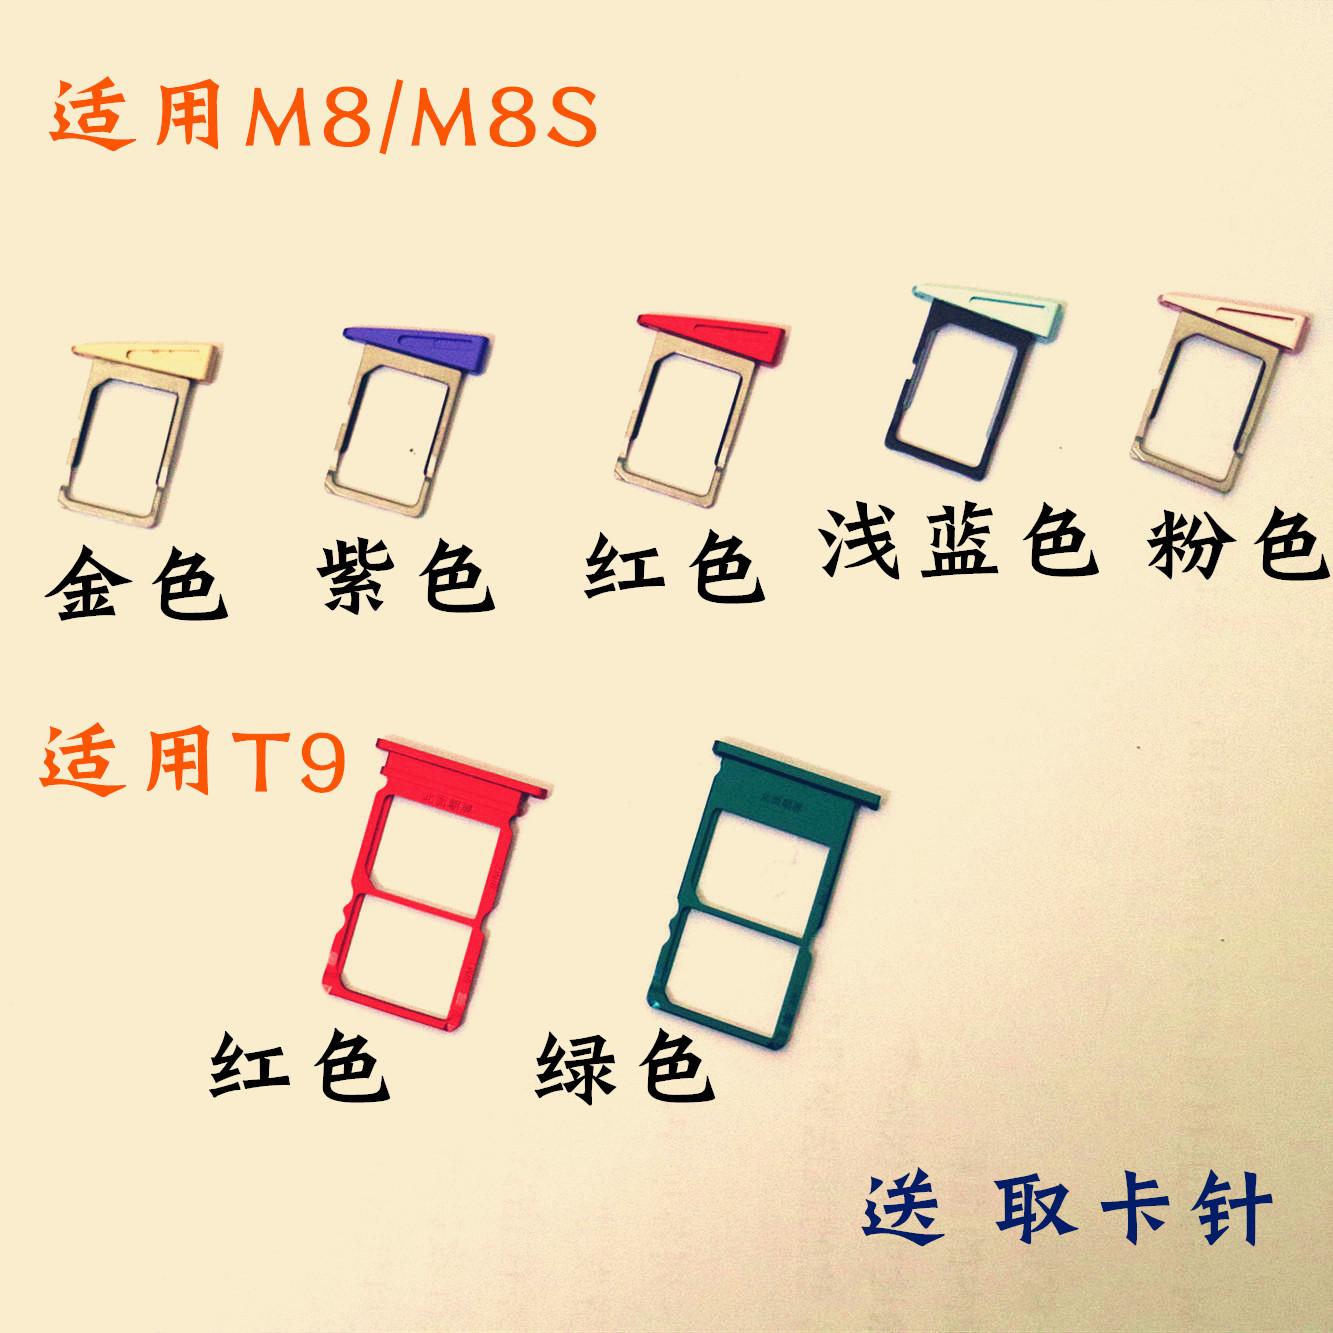 适用meitu美图M8 M8S T9 卡托 卡槽 电话sim卡套 卡座 手机配件